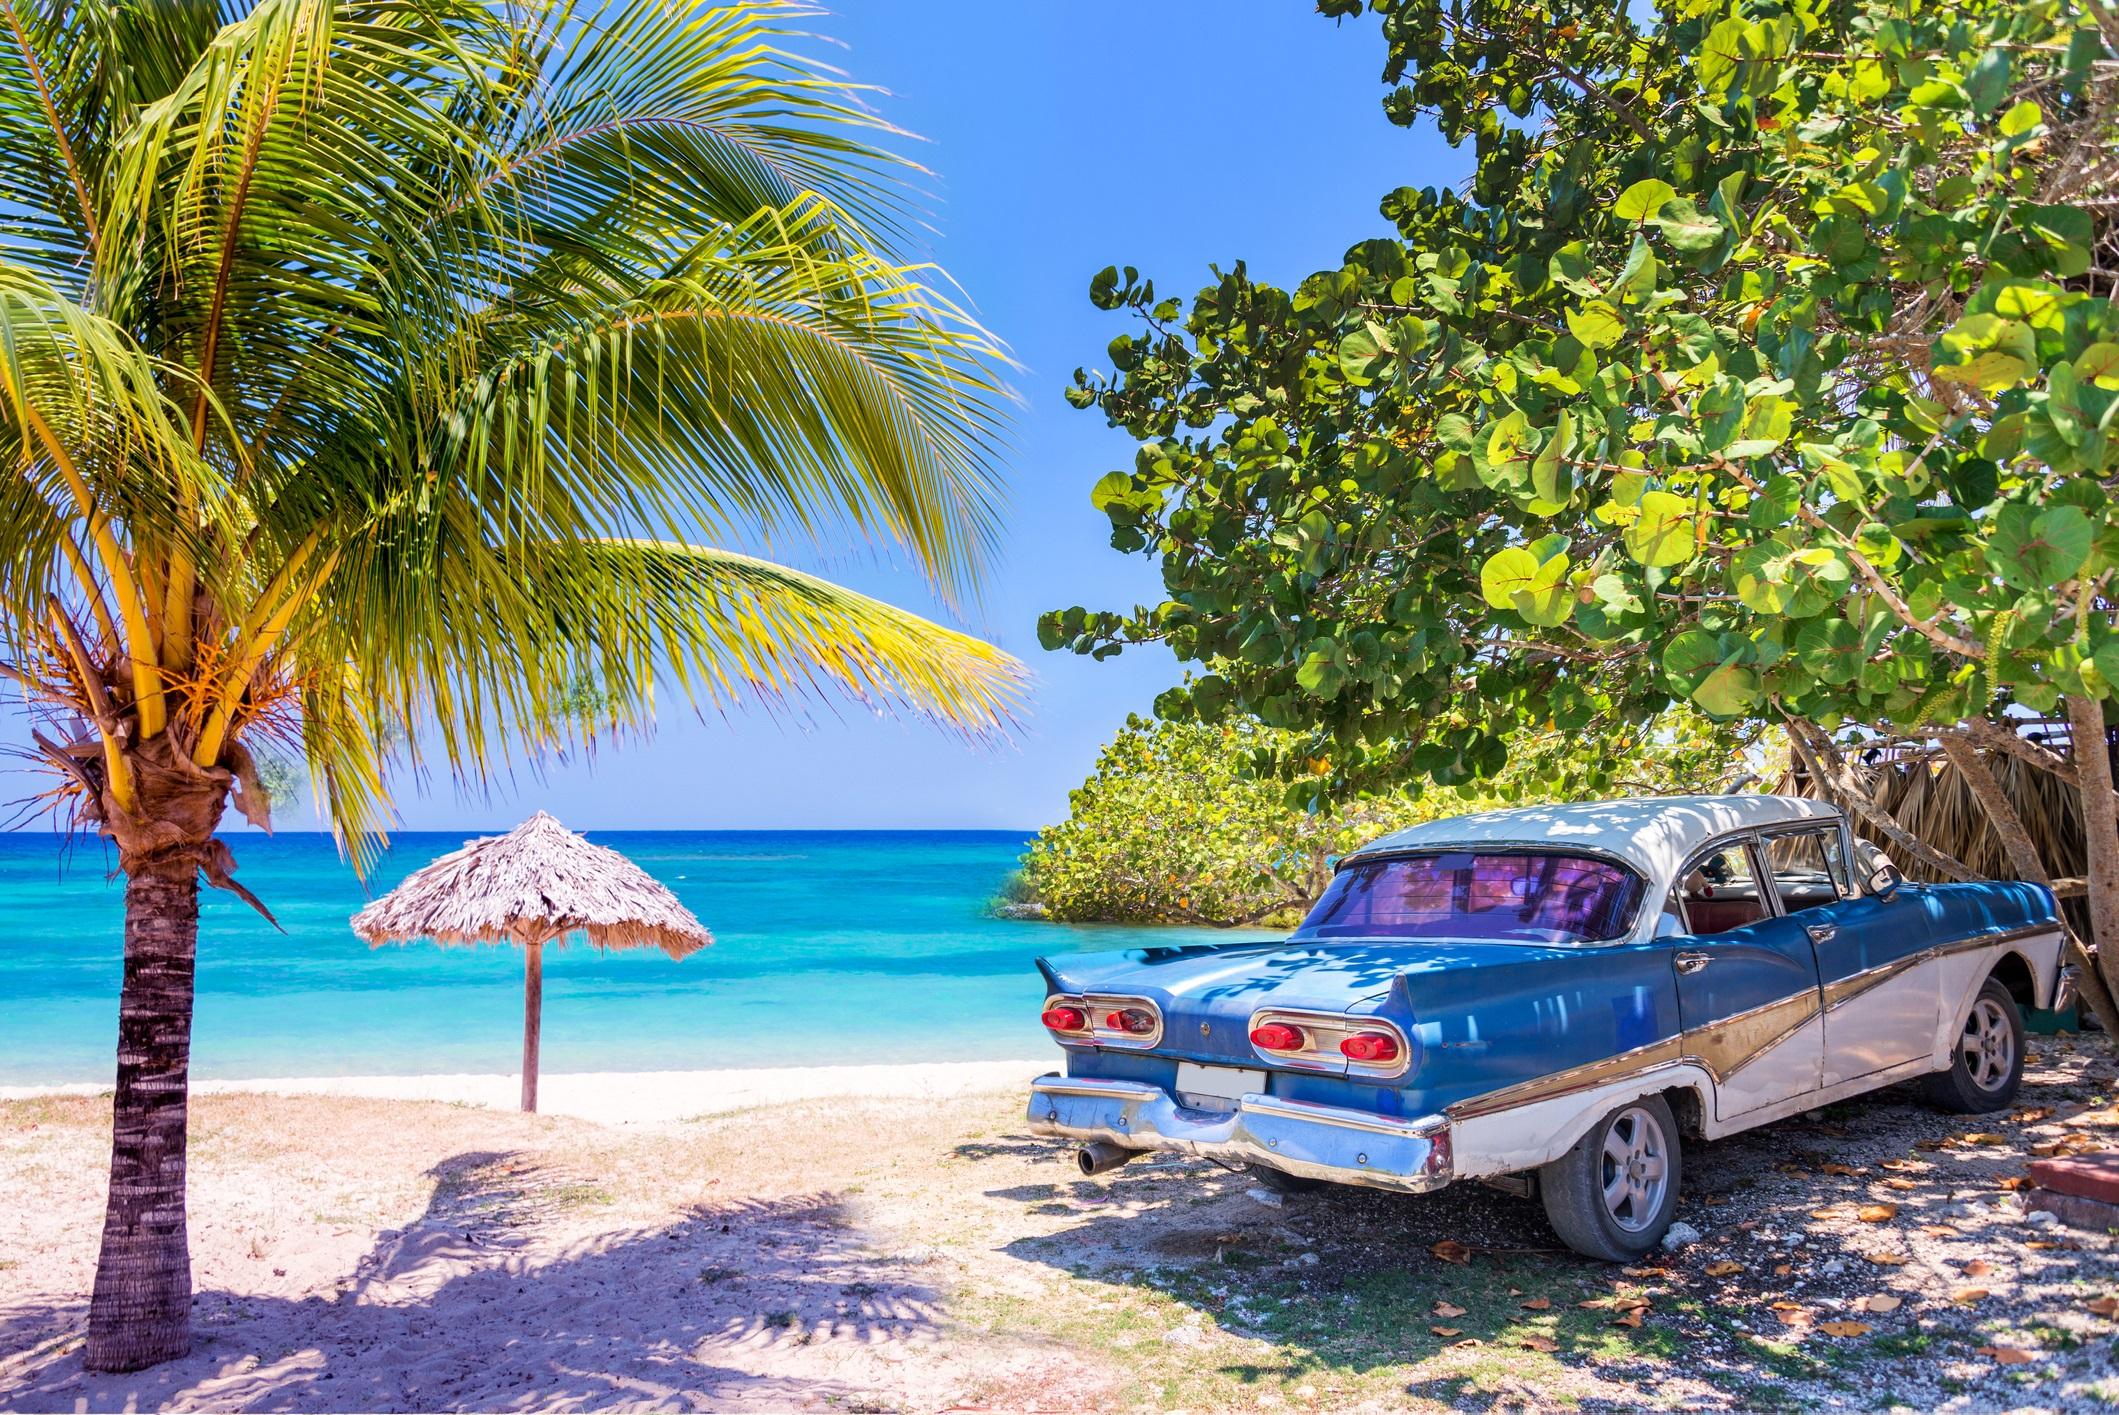 adventskalender tag 5 gewinnt eine reise nach kuba. Black Bedroom Furniture Sets. Home Design Ideas